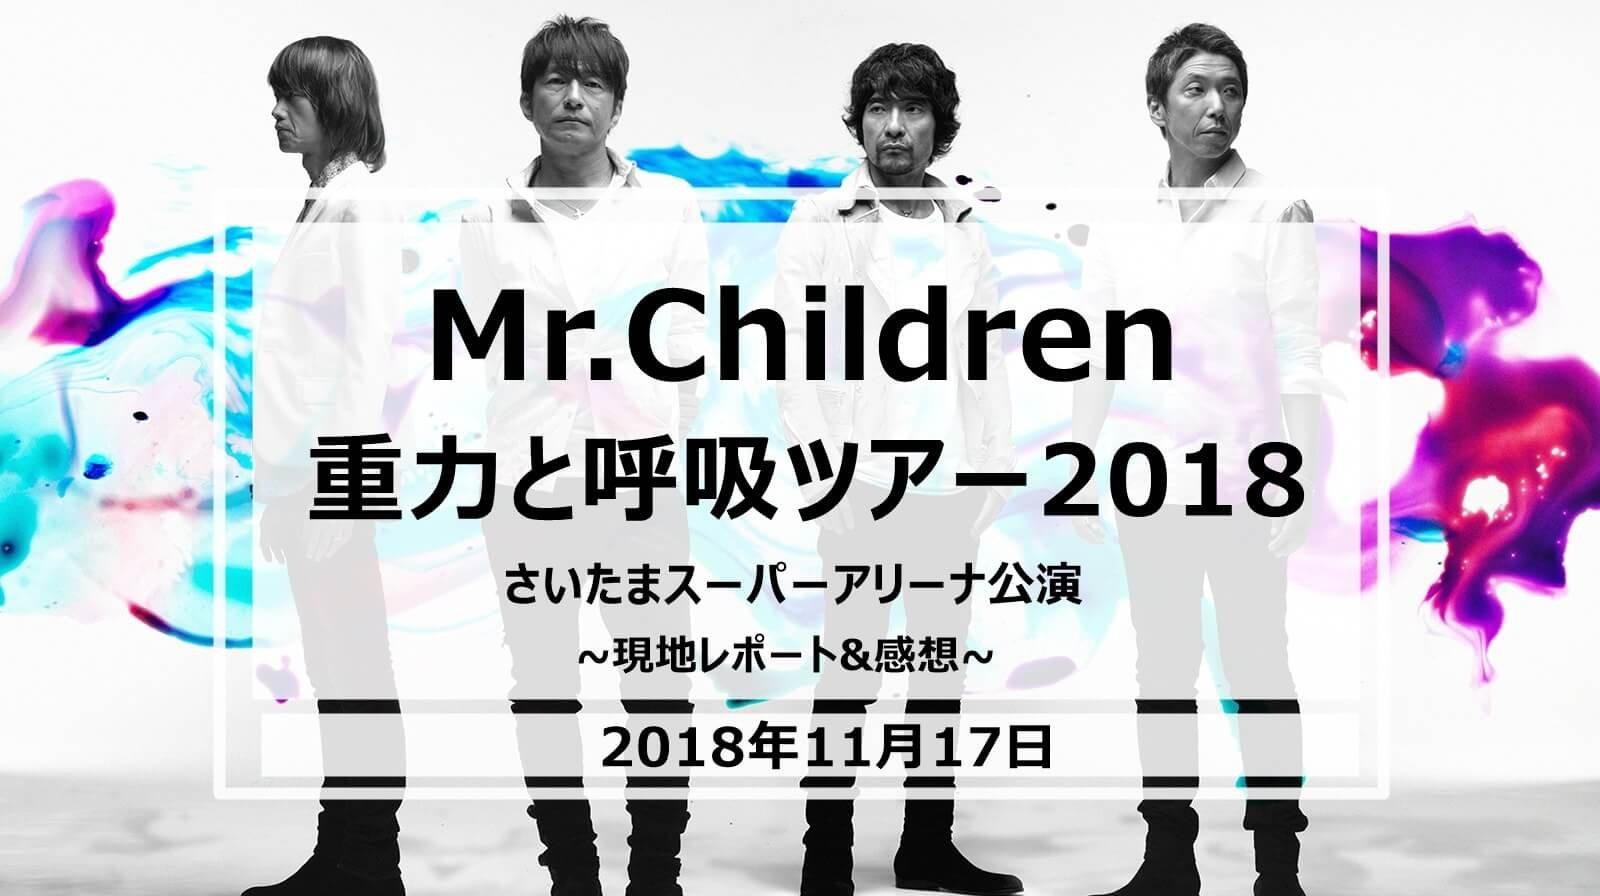 Mr.Children重力と呼吸のツアージャケット